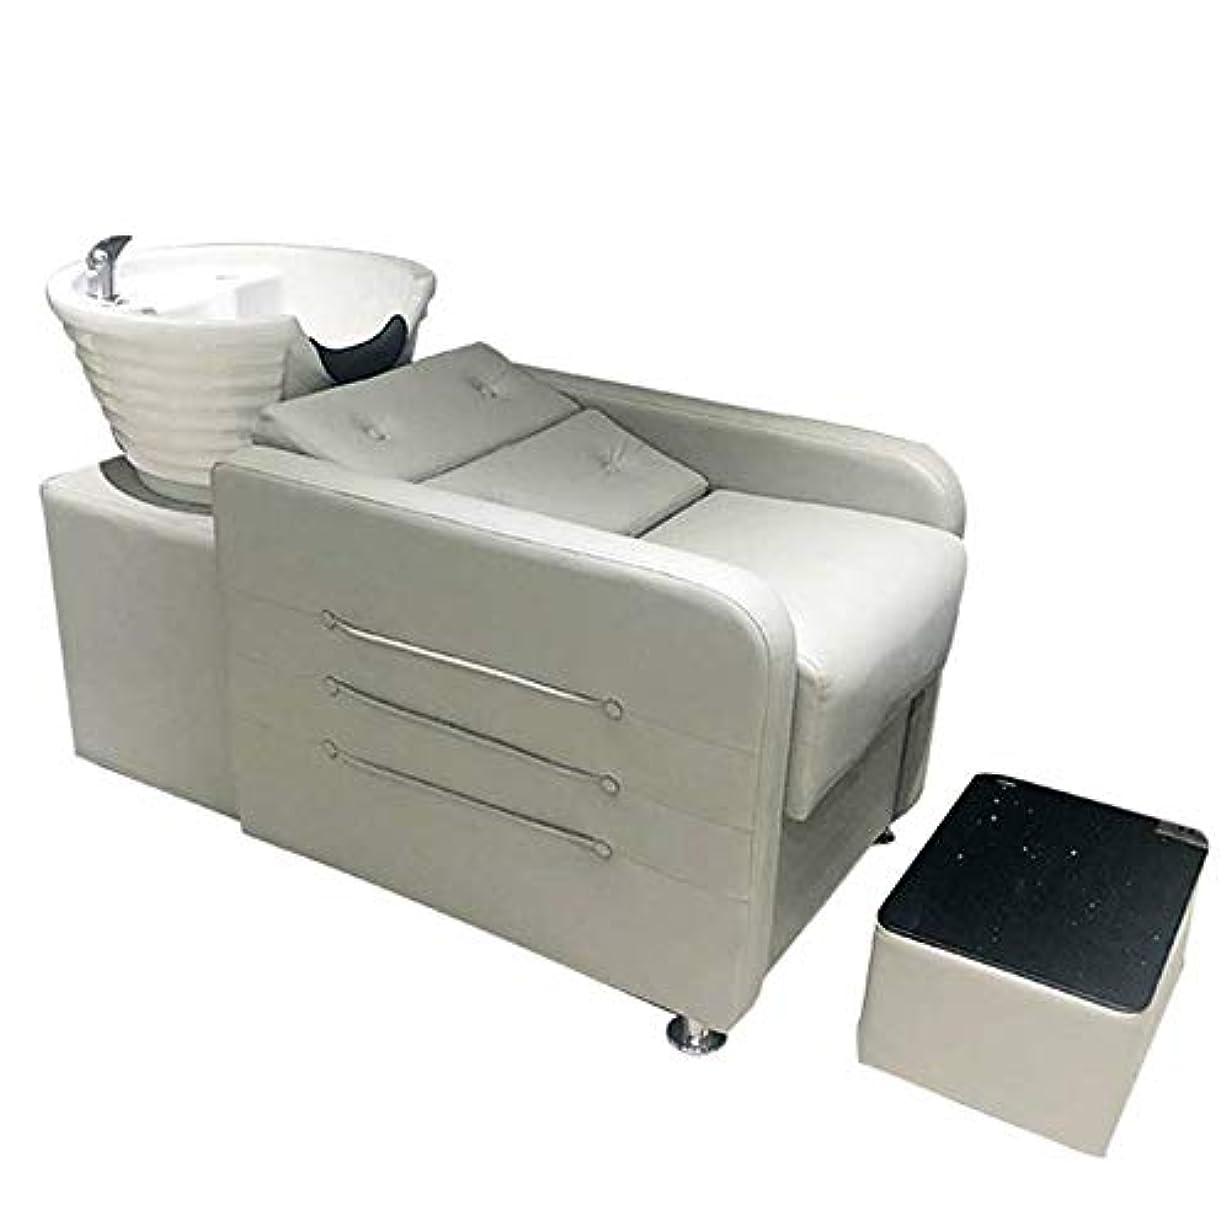 ペインカナダ爪シャンプーチェア、 逆洗ユニットシャンプーボウル理髪シンク椅子用スパビューティーサロンフラッシュベッド(グレー)